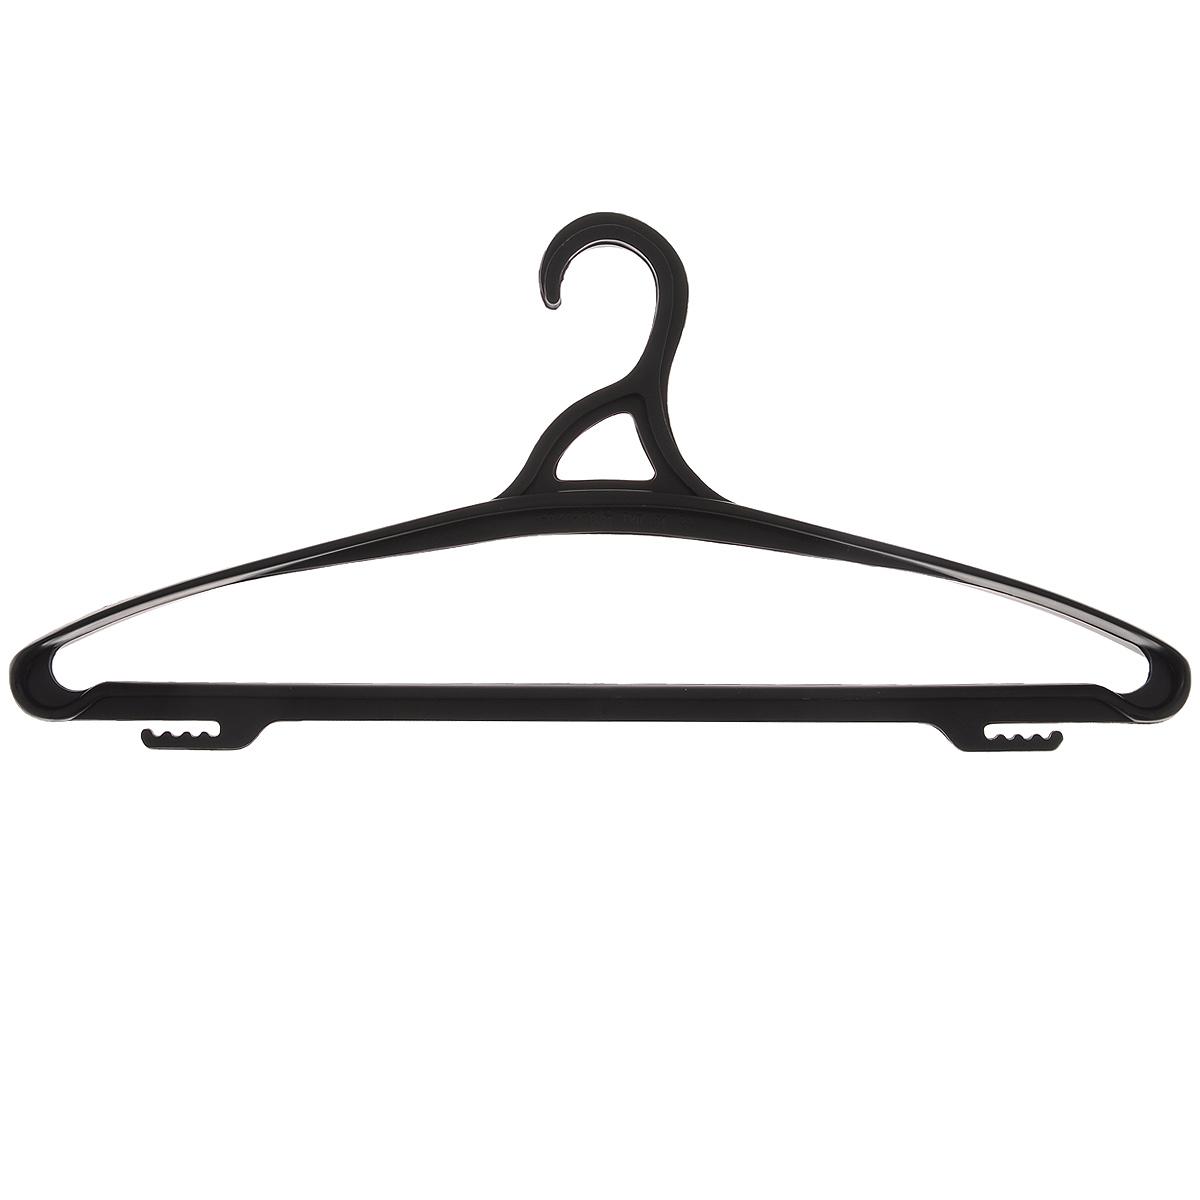 Вешалка для одежды Бытпласт, цвет: черный, размер 48-50С12022Вешалка для одежды Бытпласт выполнена из прочного пластика. Изделие оснащено перекладиной и боковыми крючками. Вешалка - это незаменимая вещь для того, чтобы ваша одежда всегда оставалась в хорошем состоянии. Размер одежды: 48-50.